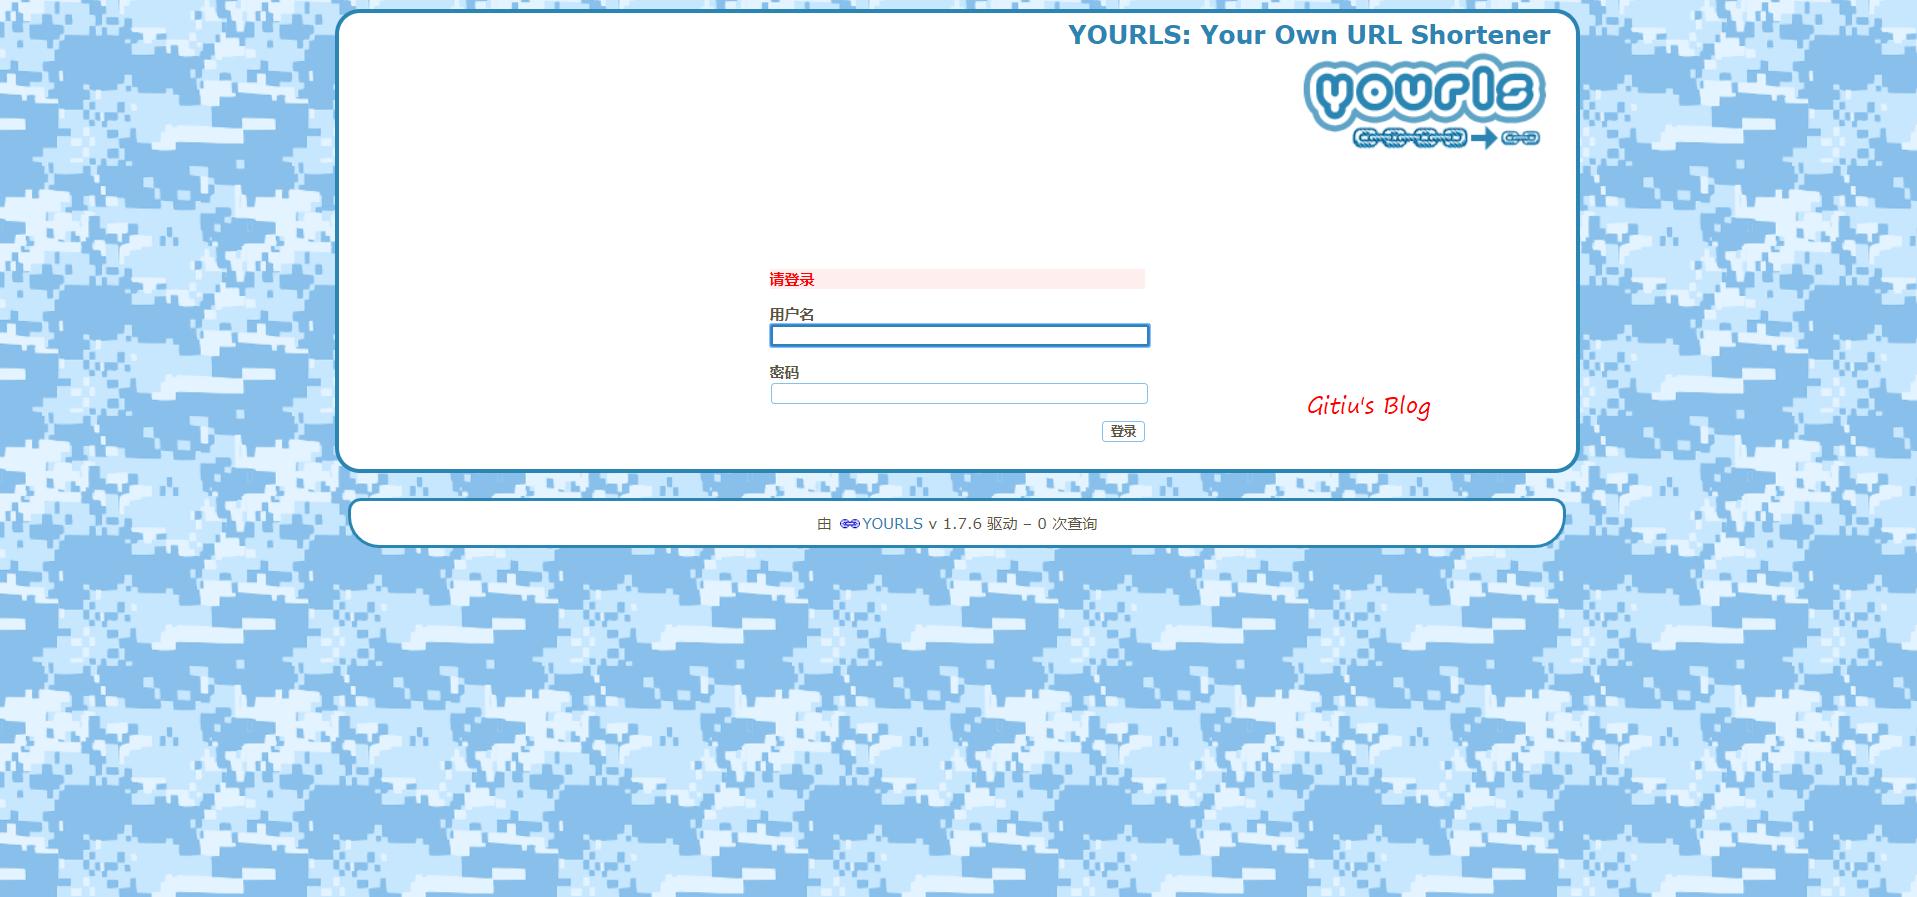 宝塔面板搭建YOURLS(yourls)-私人短链接地址服务插图(3)